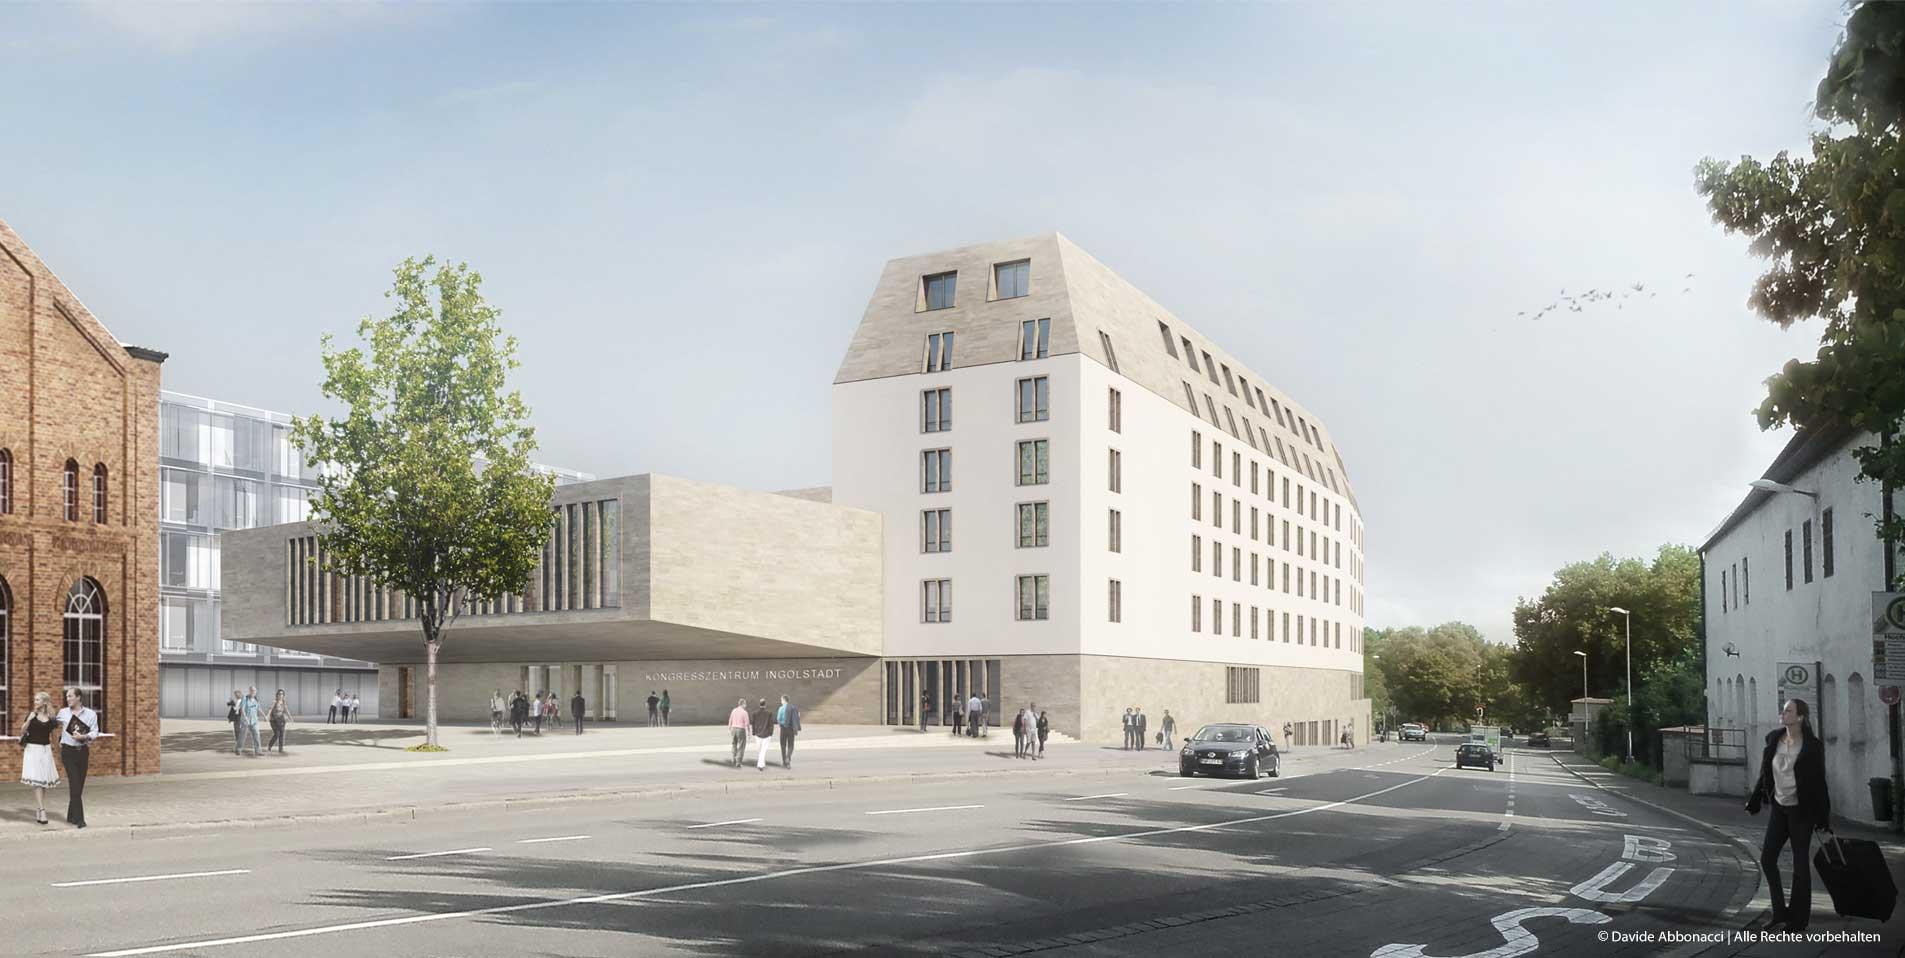 Fassade vom Hotel und Kongresszentrum Ingolstadt | Kuehn Malvezzi Architekten | 2012 Wettbewerbsvisualisierung | 1. Preis